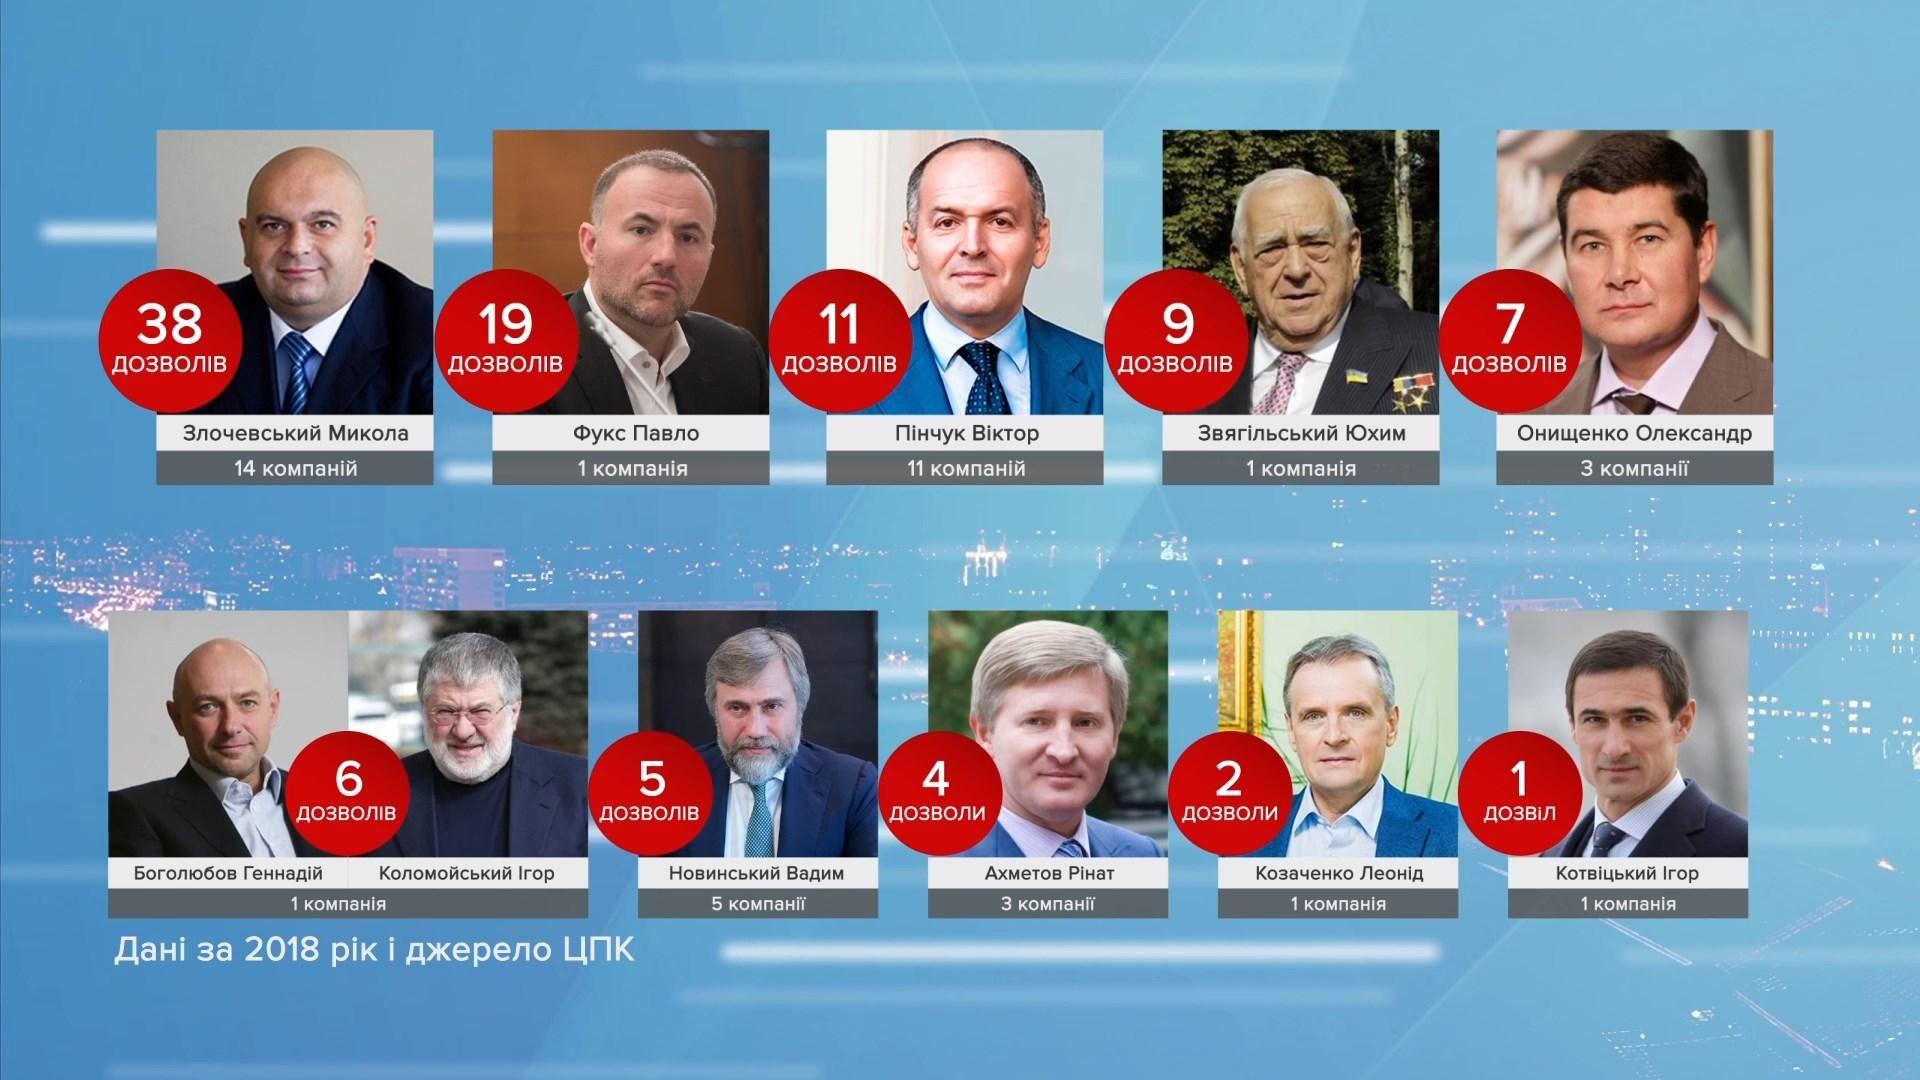 хто володіє укрїнськими надрами